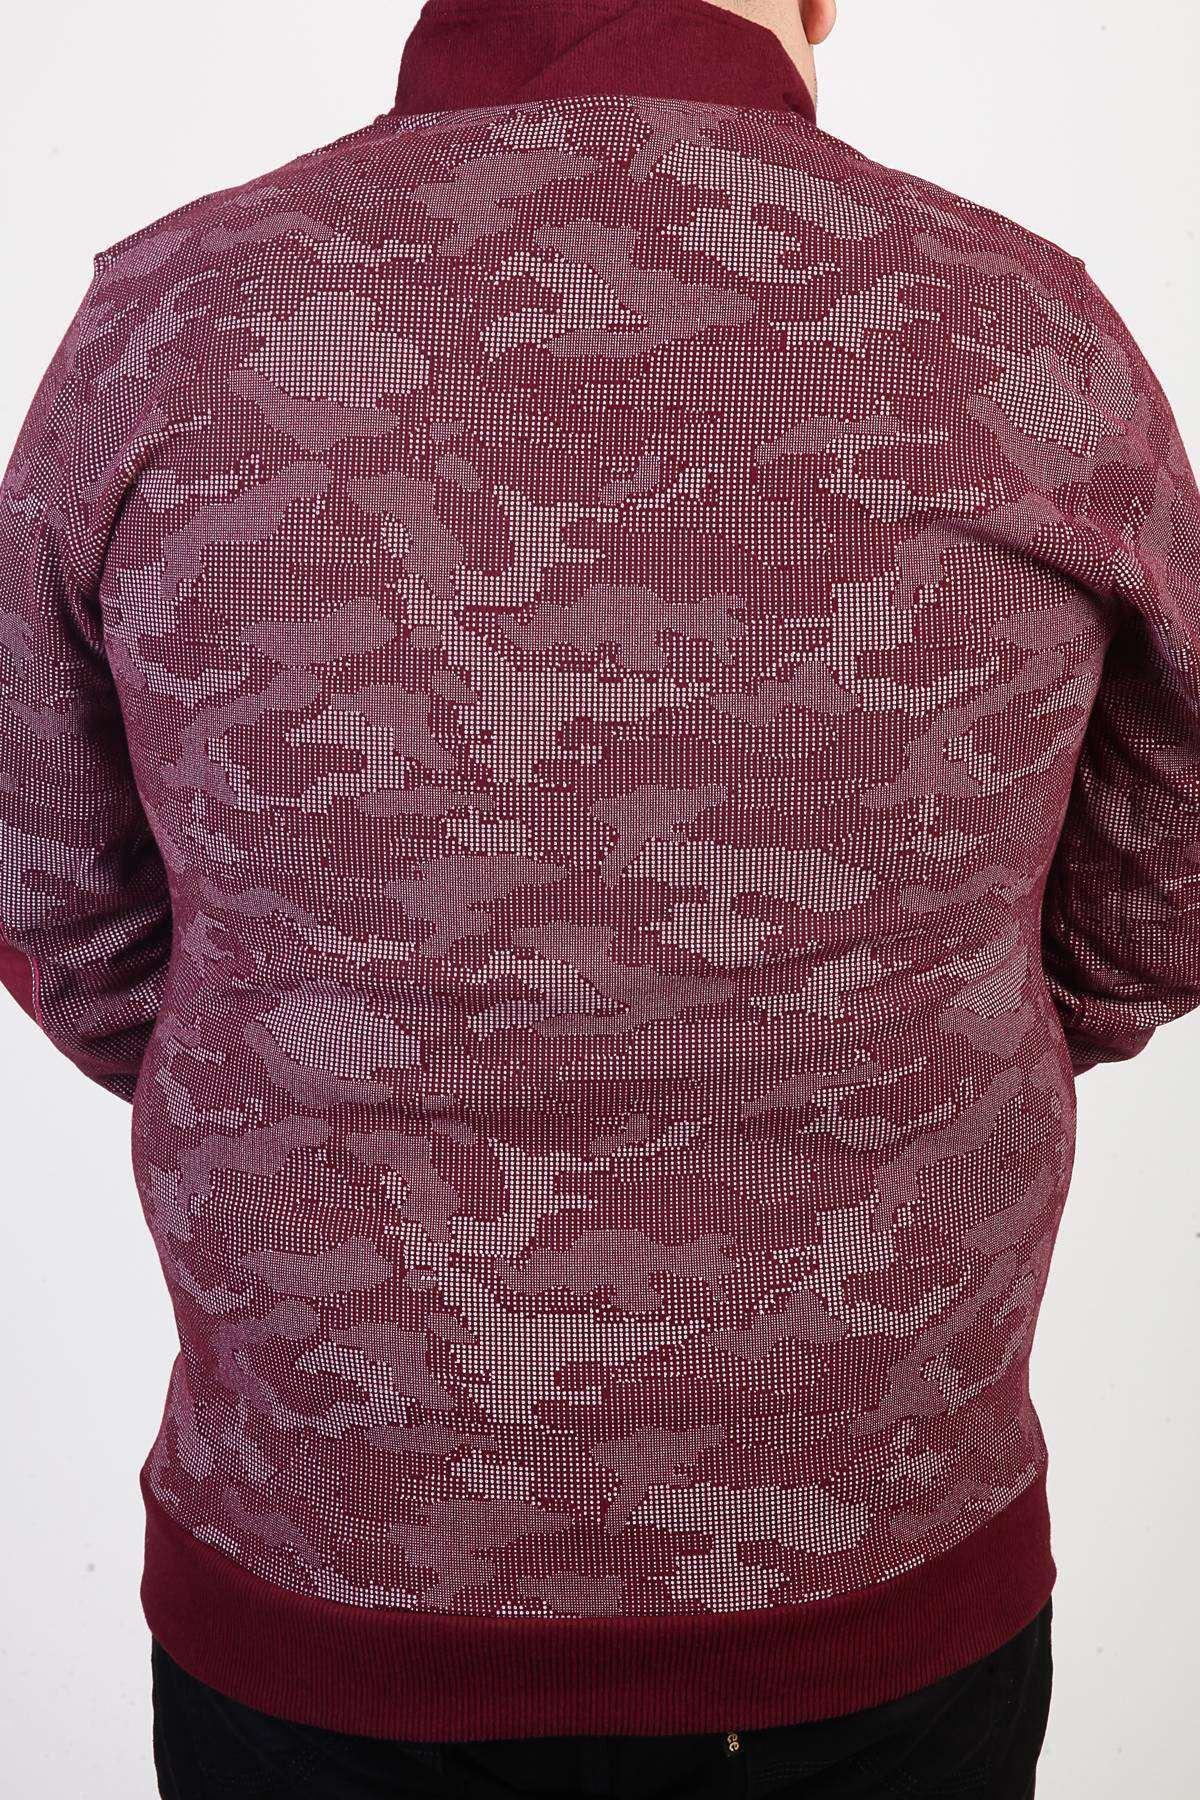 Kamuflaj Desenli Yarı Fermuarlı Süper Battal Sweatshirt Bordo